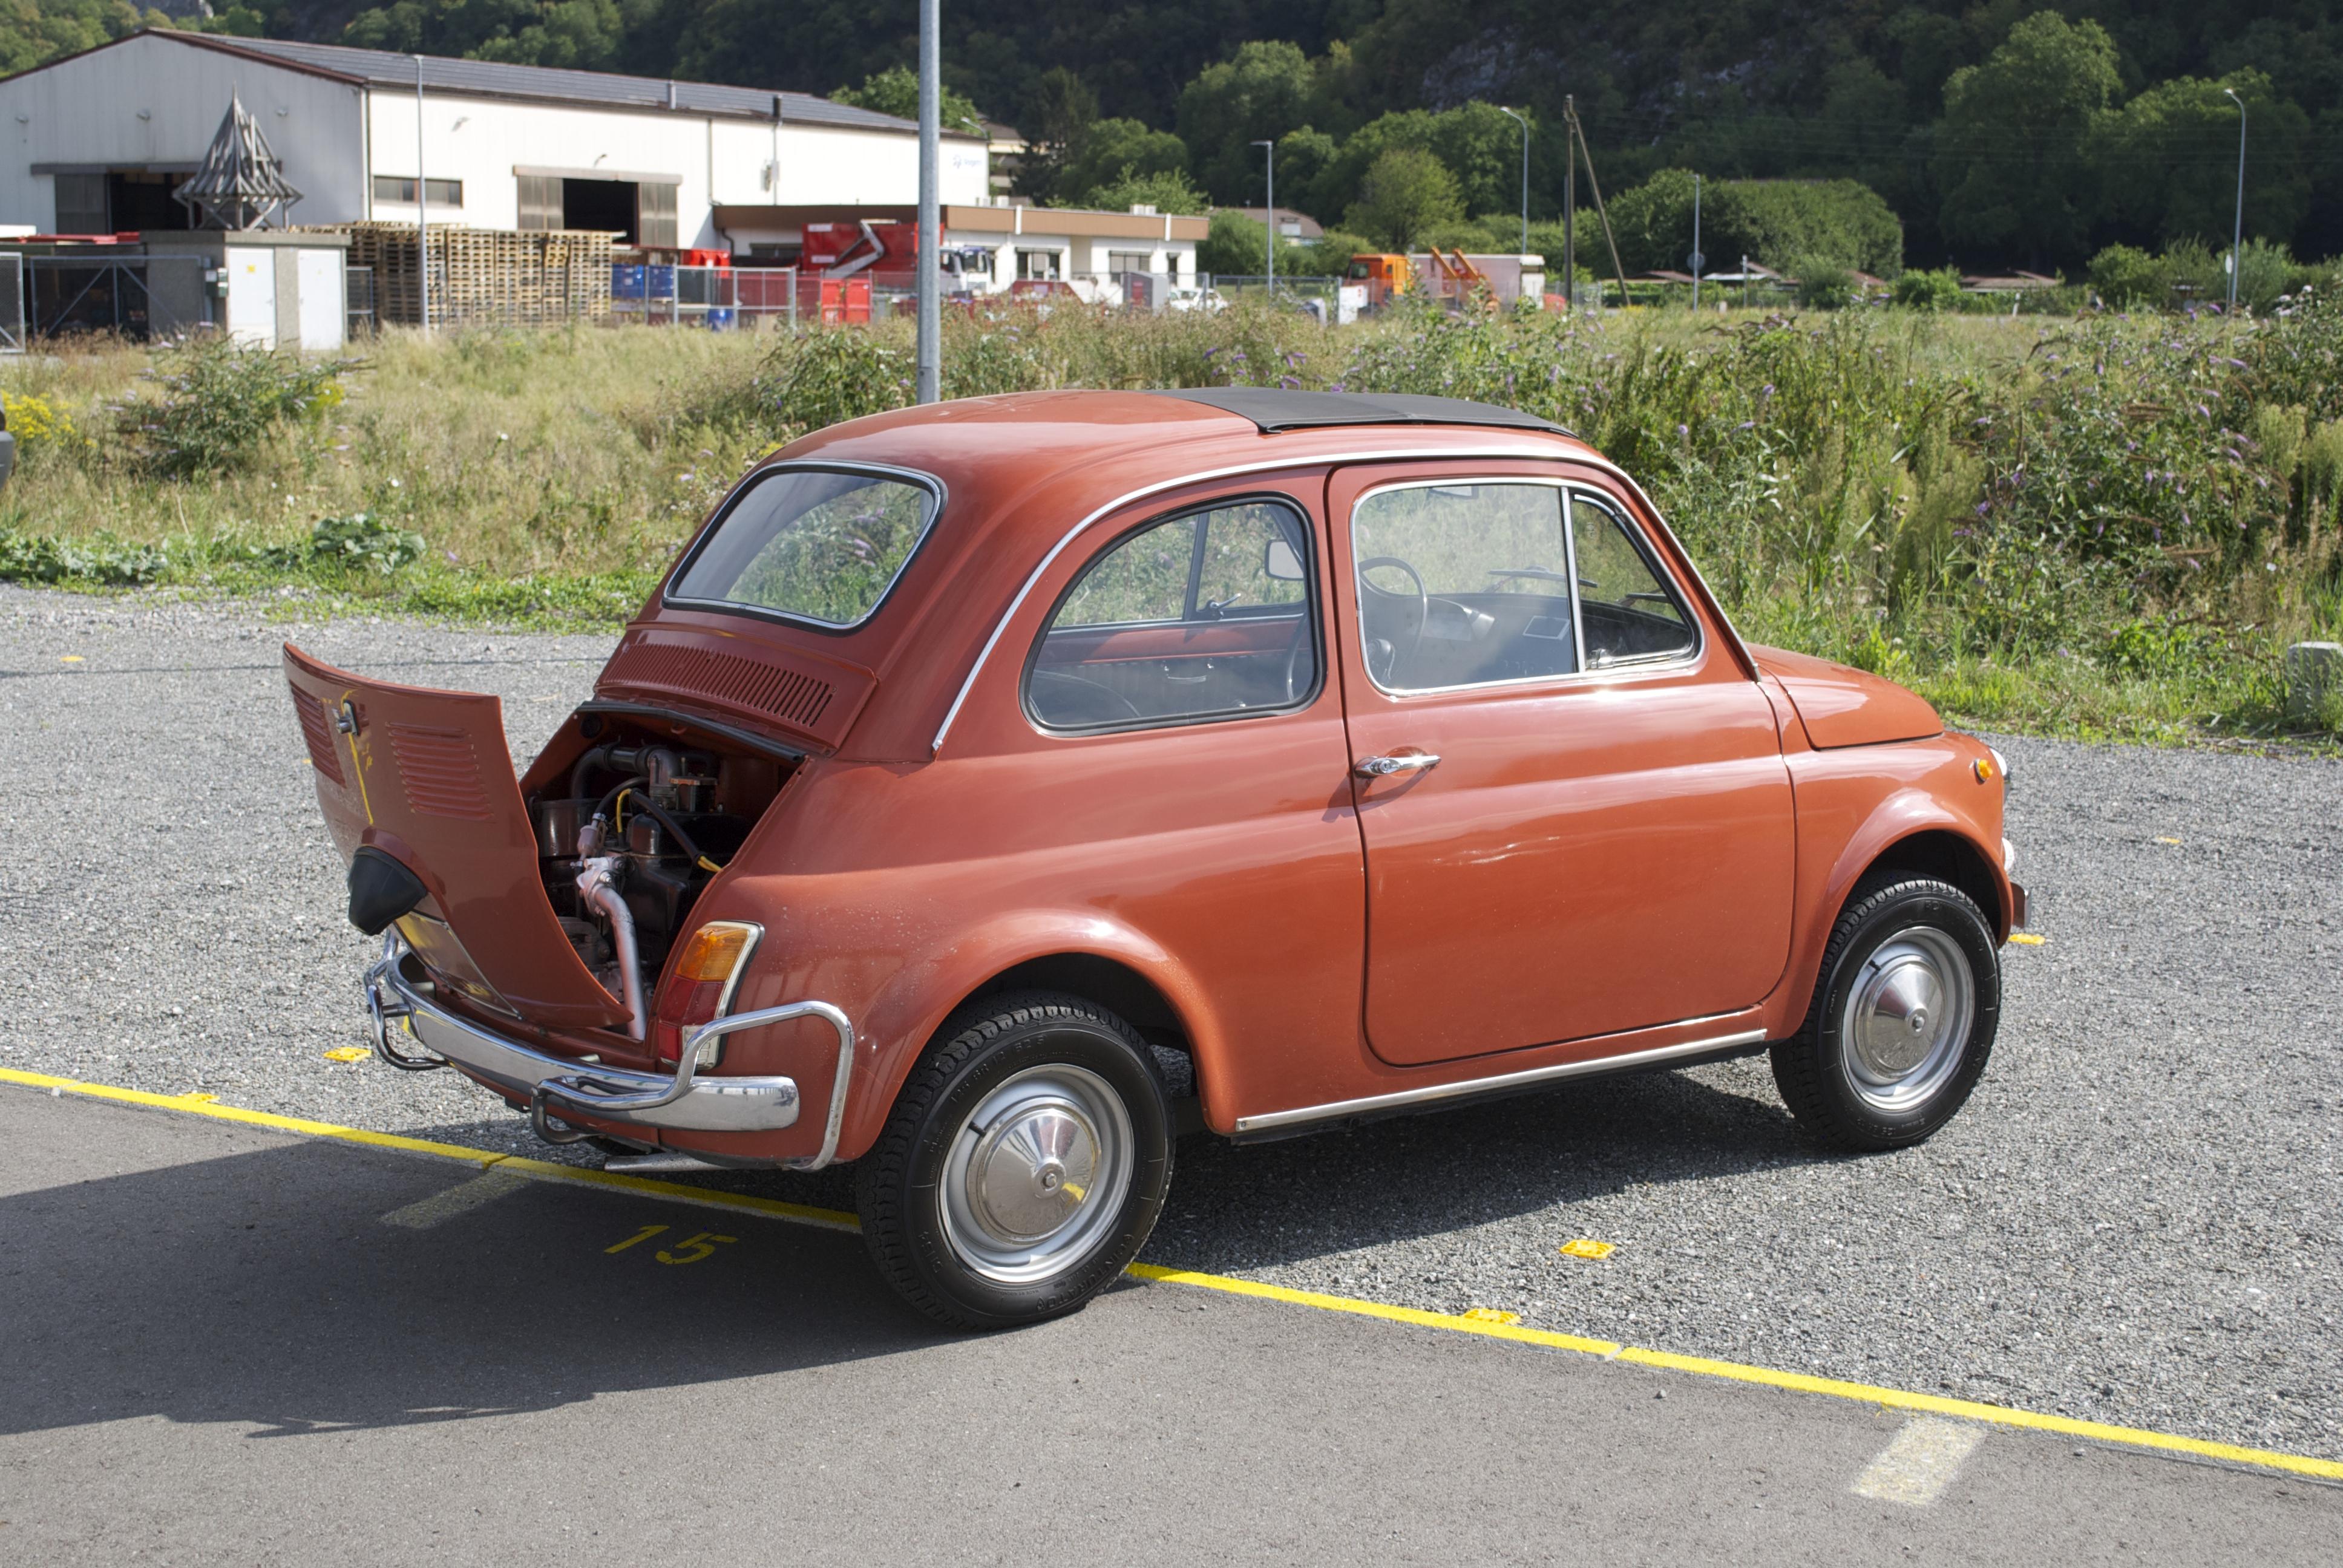 1970 Fiat 500 Vintage Car For Sale